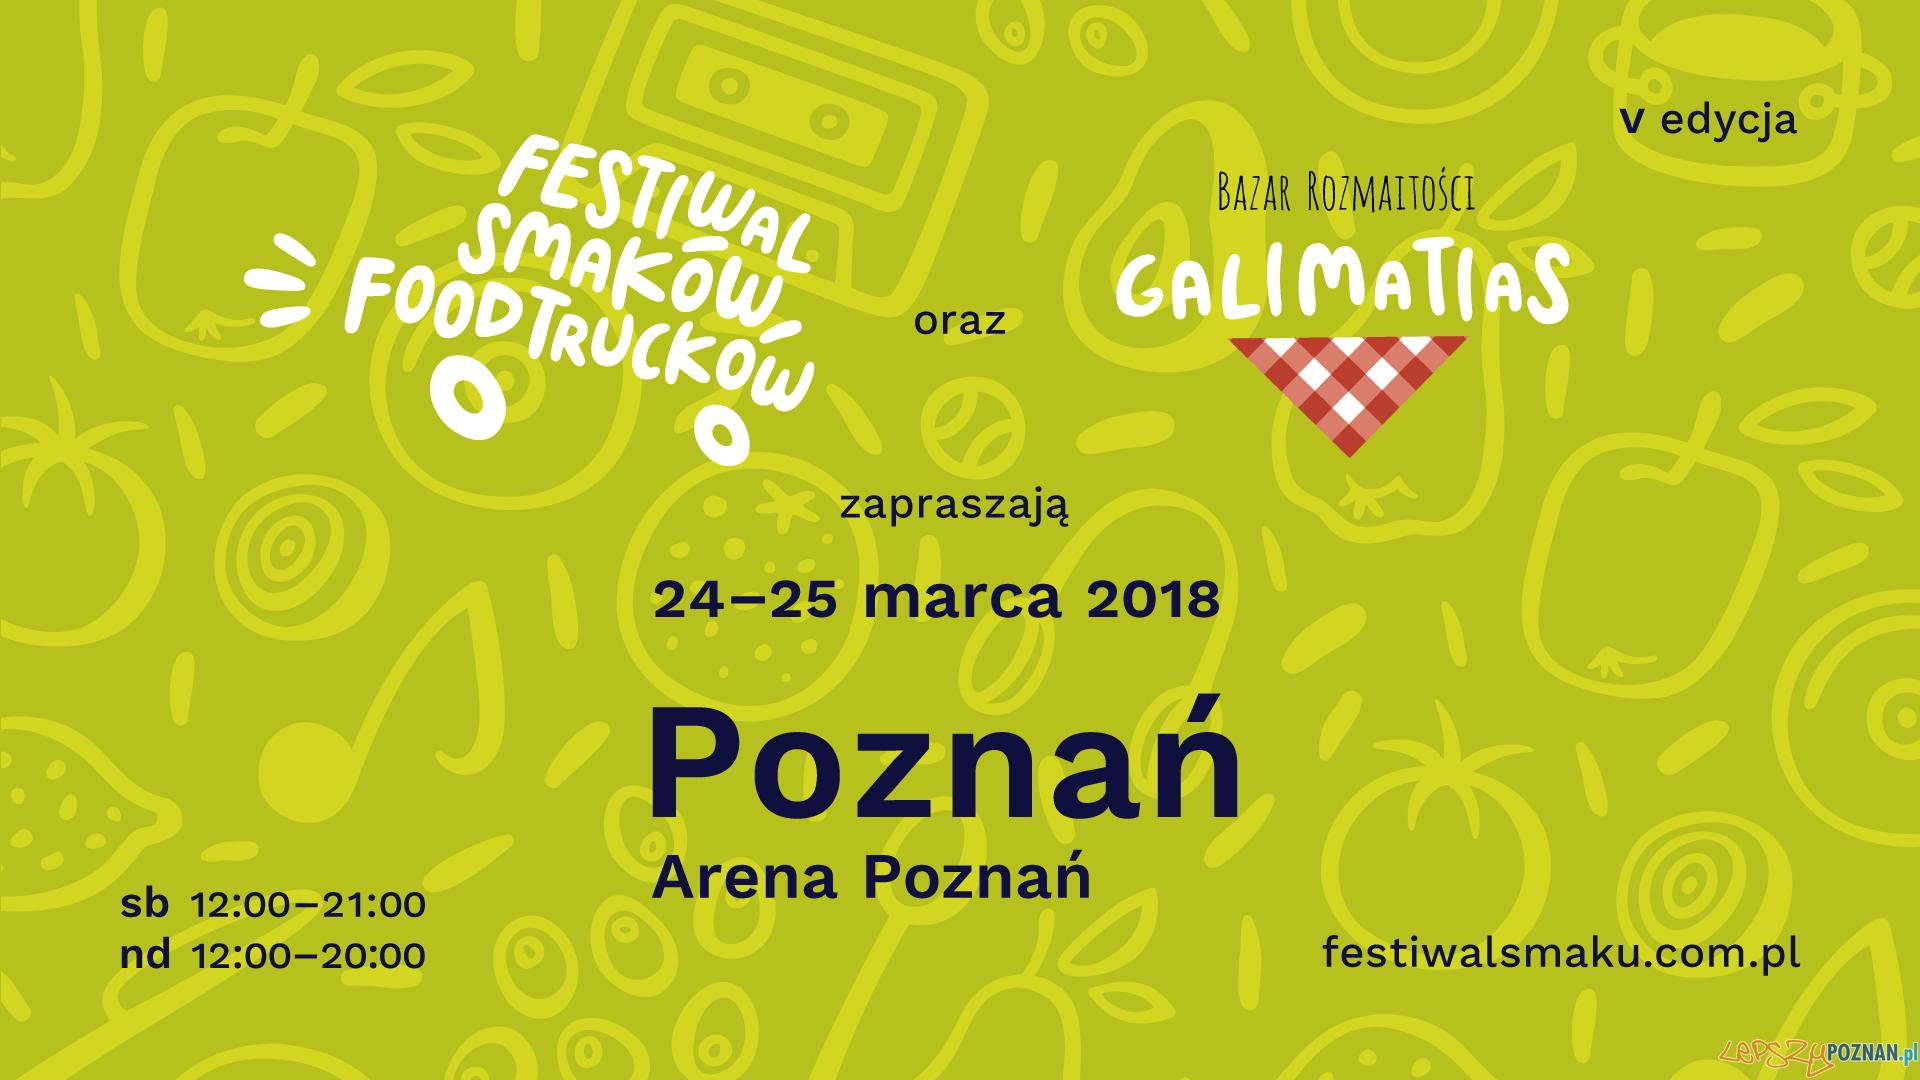 V edycja Festiwalu Smaków Food Trucków w Poznaniu  Foto: materiały prasowe